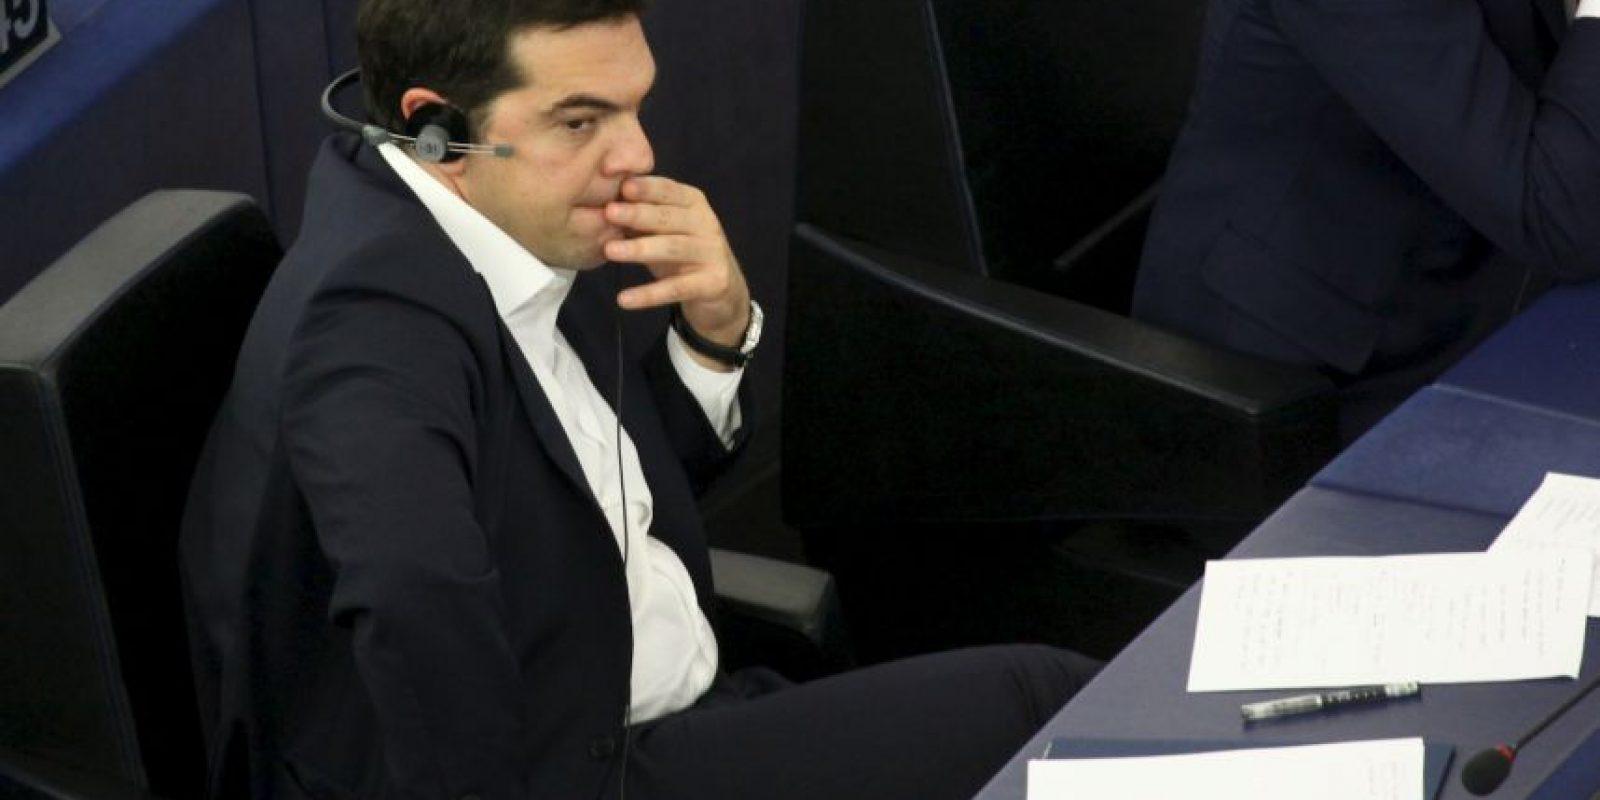 Por lo que el martes 7 de julio se presentó ante el Parlamento Europeo para explicar su posición en las negociaciones Foto:Getty Images